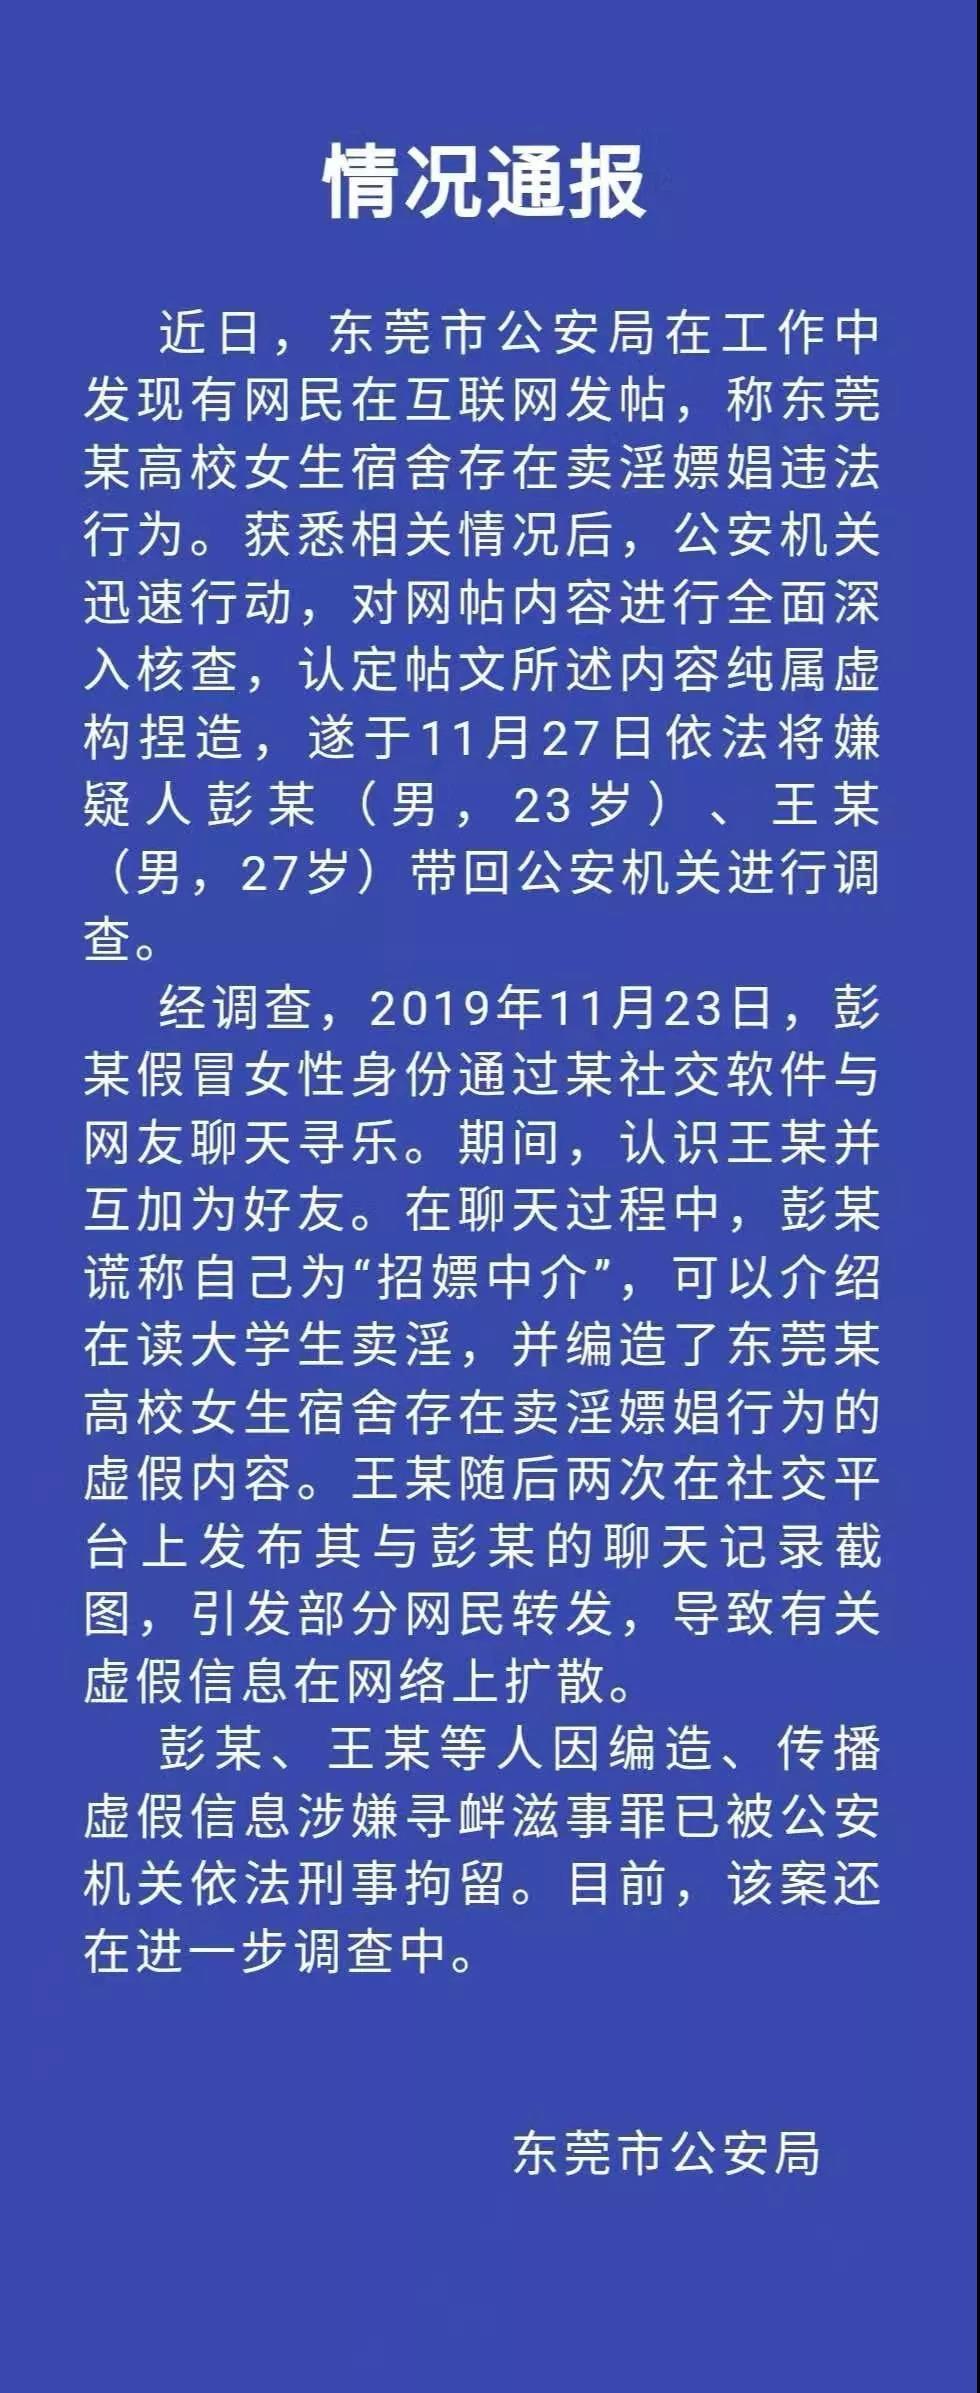 ag平台官网游戏大厅|达沃斯论坛嘉宾热议:中国将与世界互利共赢